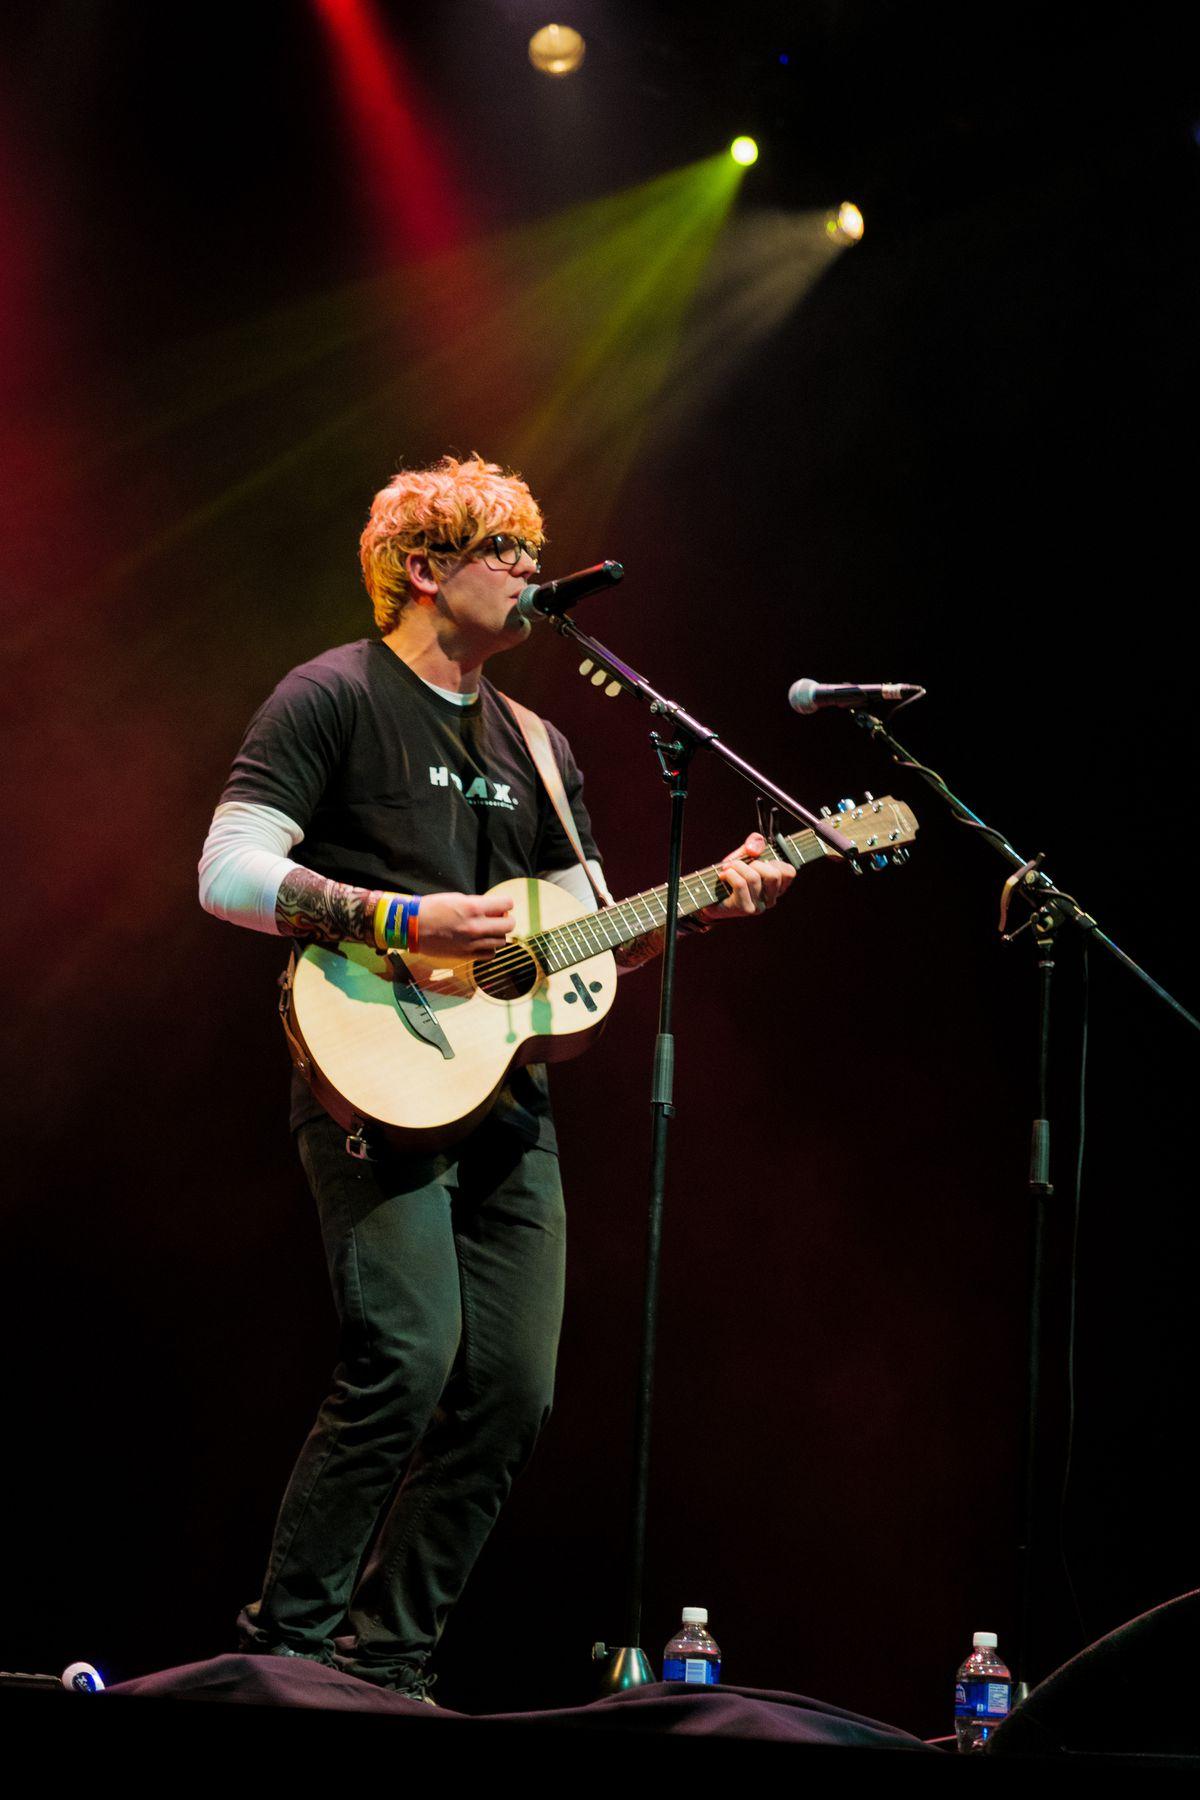 Ed Sheeran tribute act